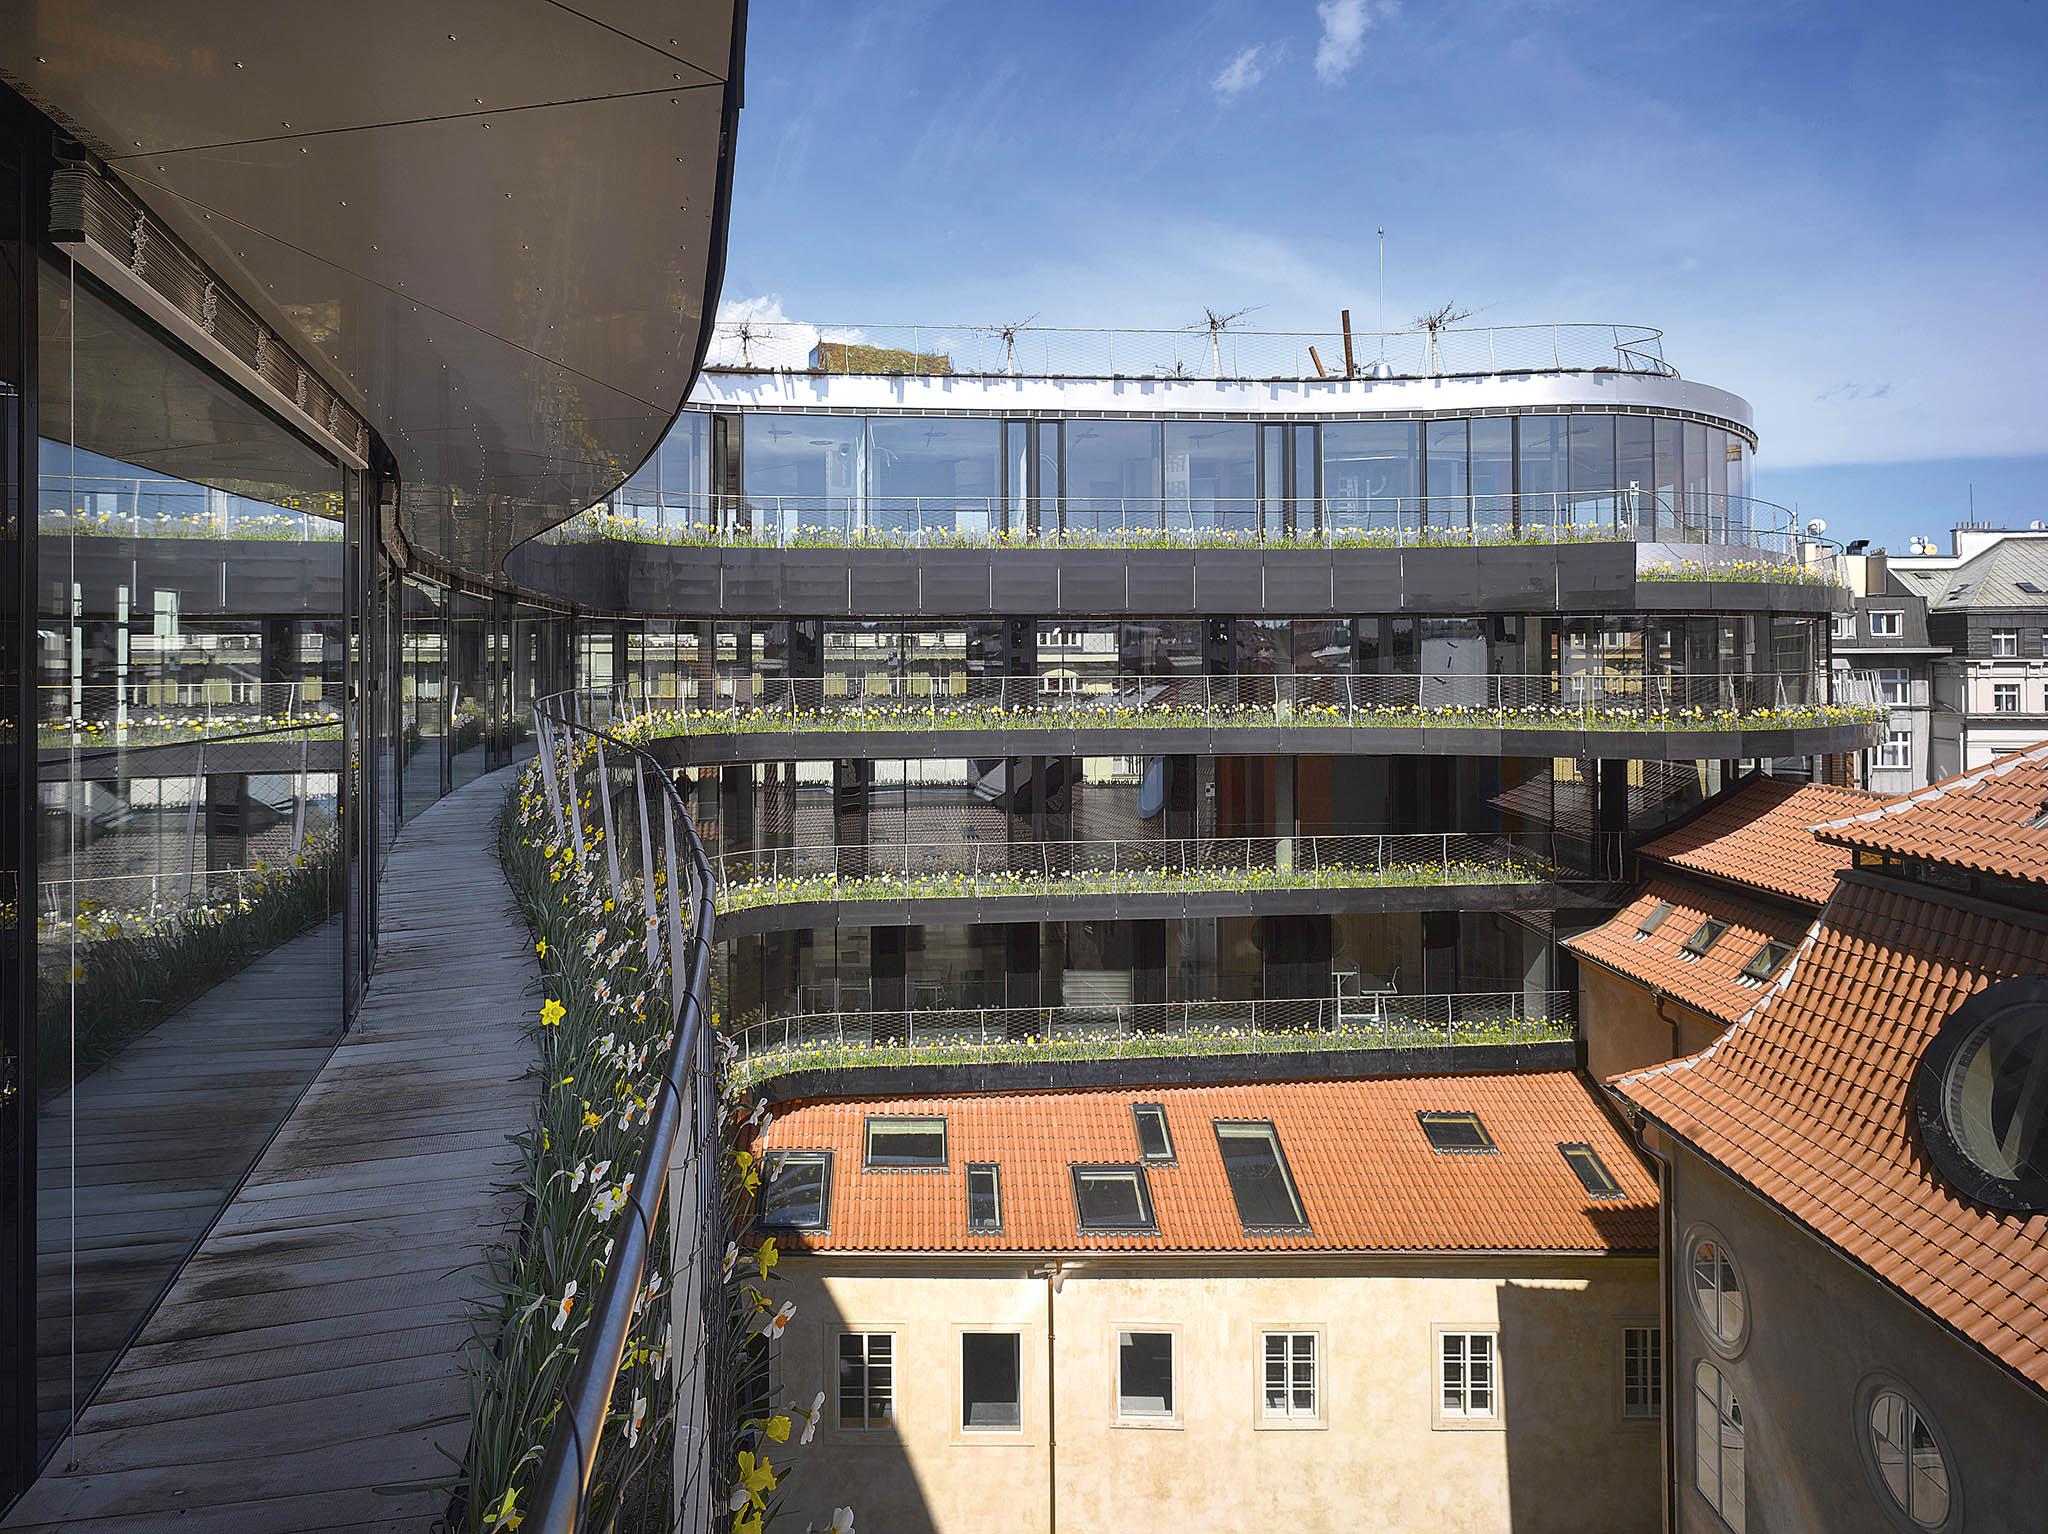 Nárožní administrativní budova Drn vyrostla napražskéNárodní třídě vmístě, kde dlouhá léta bývalo jen nevzhledné parkoviště.